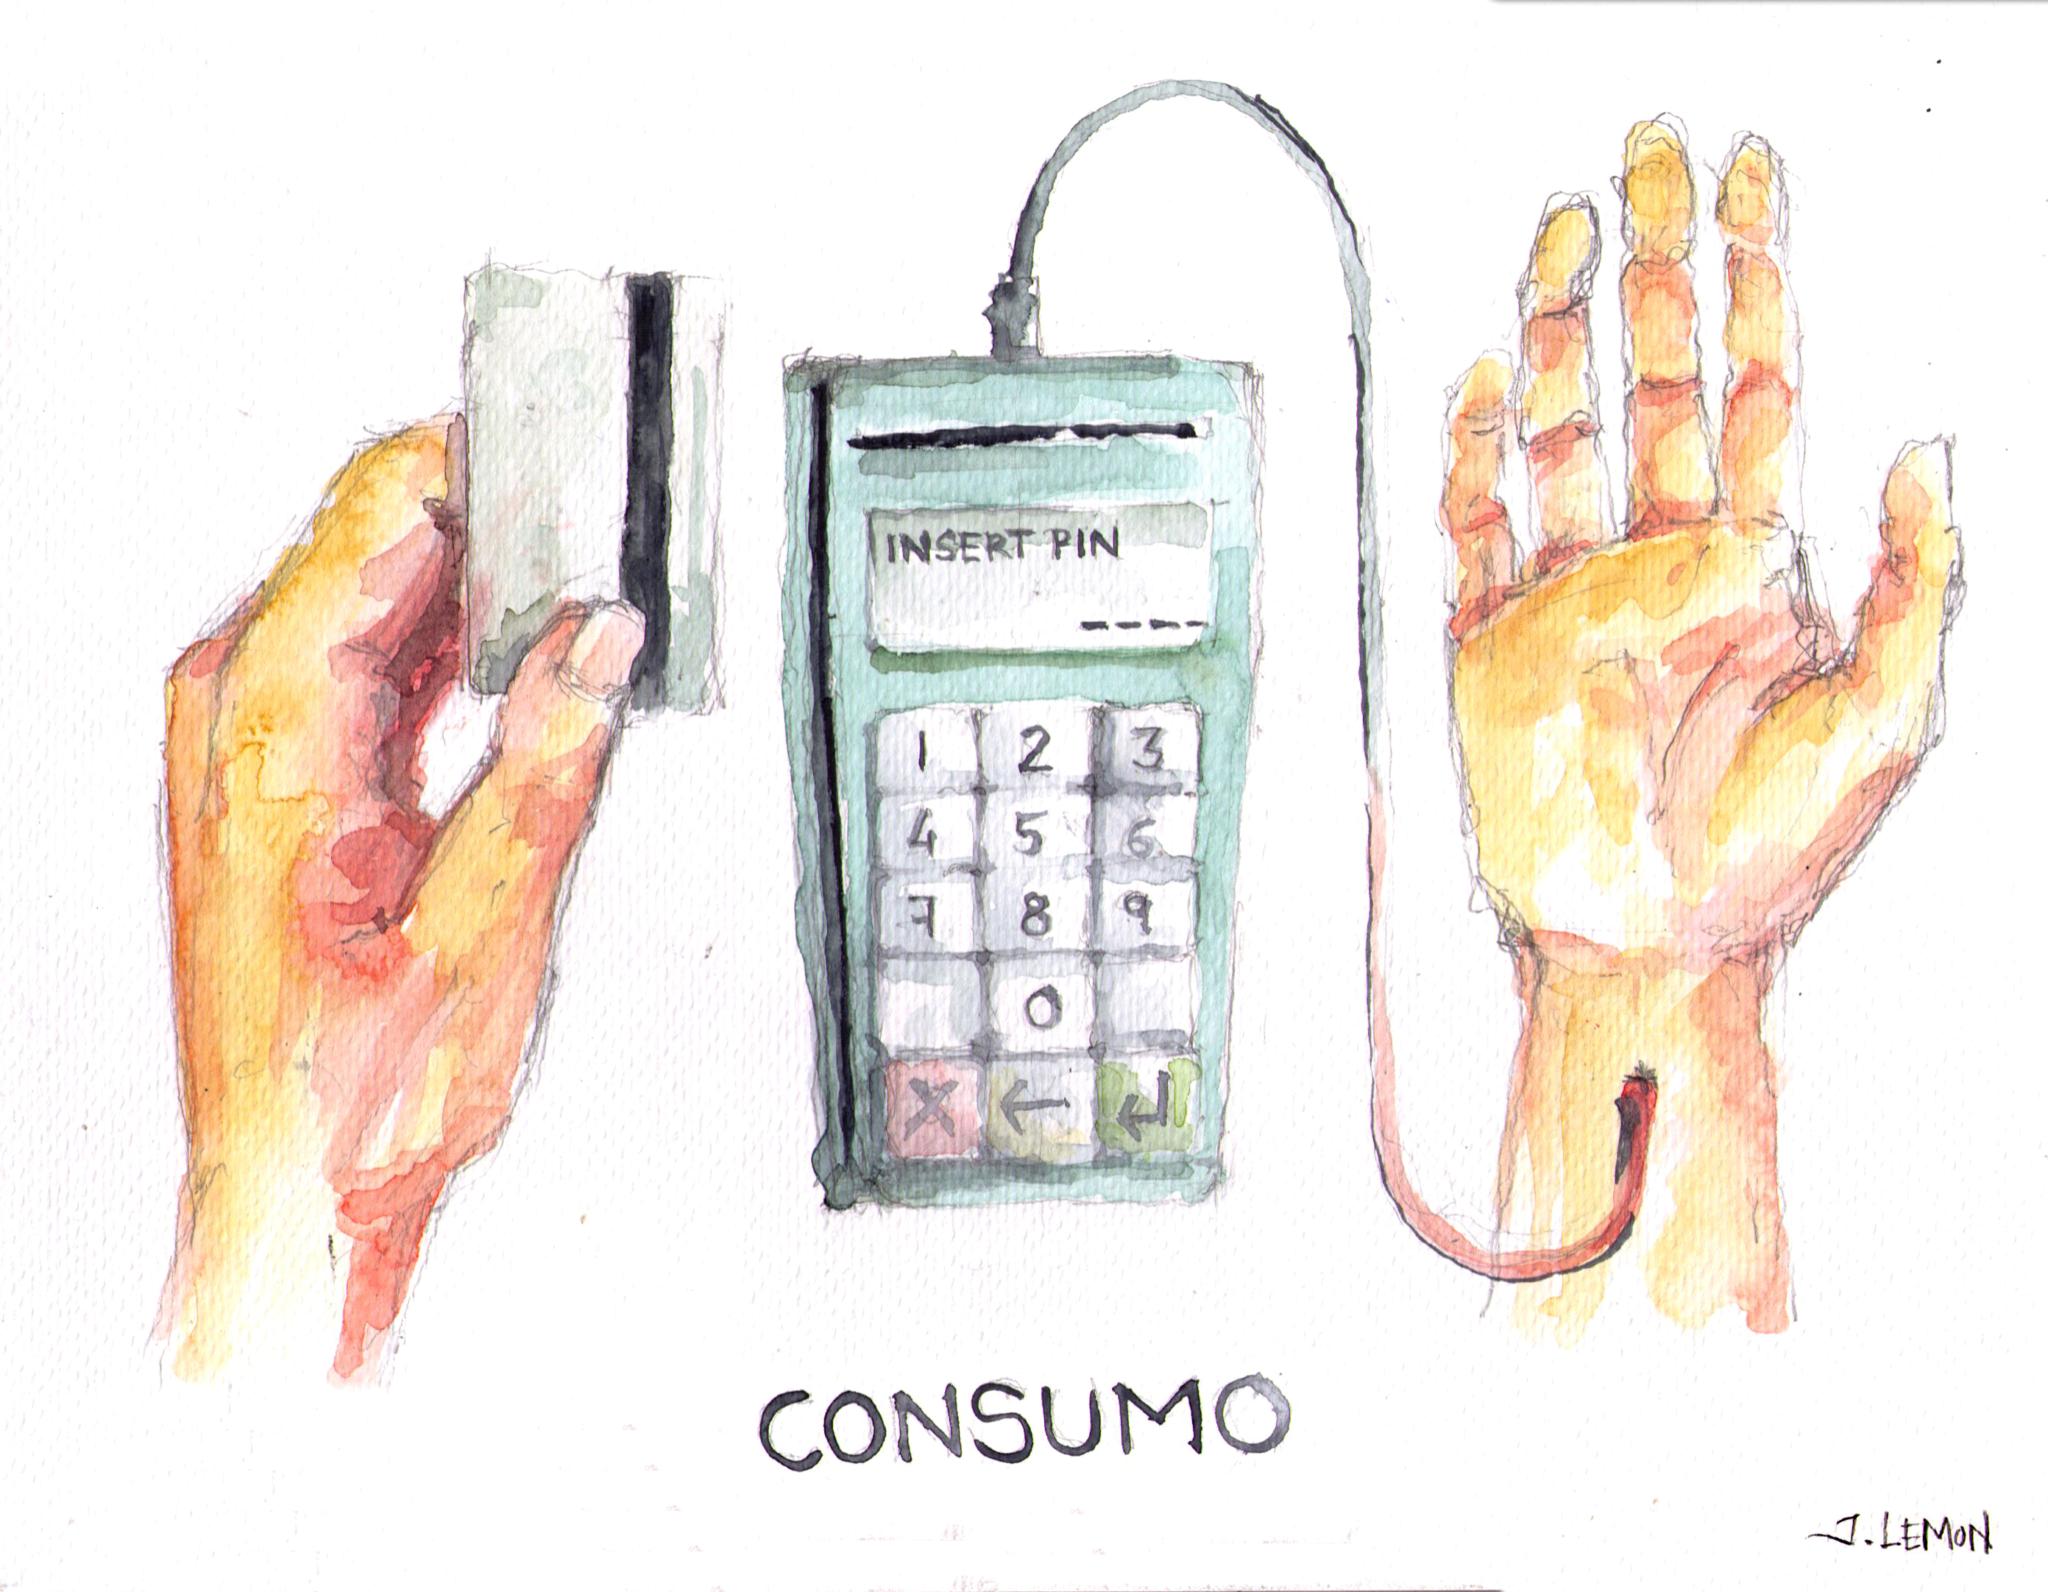 20170509-Consumo_.jpg?fit=2783%2C2163&ssl=1